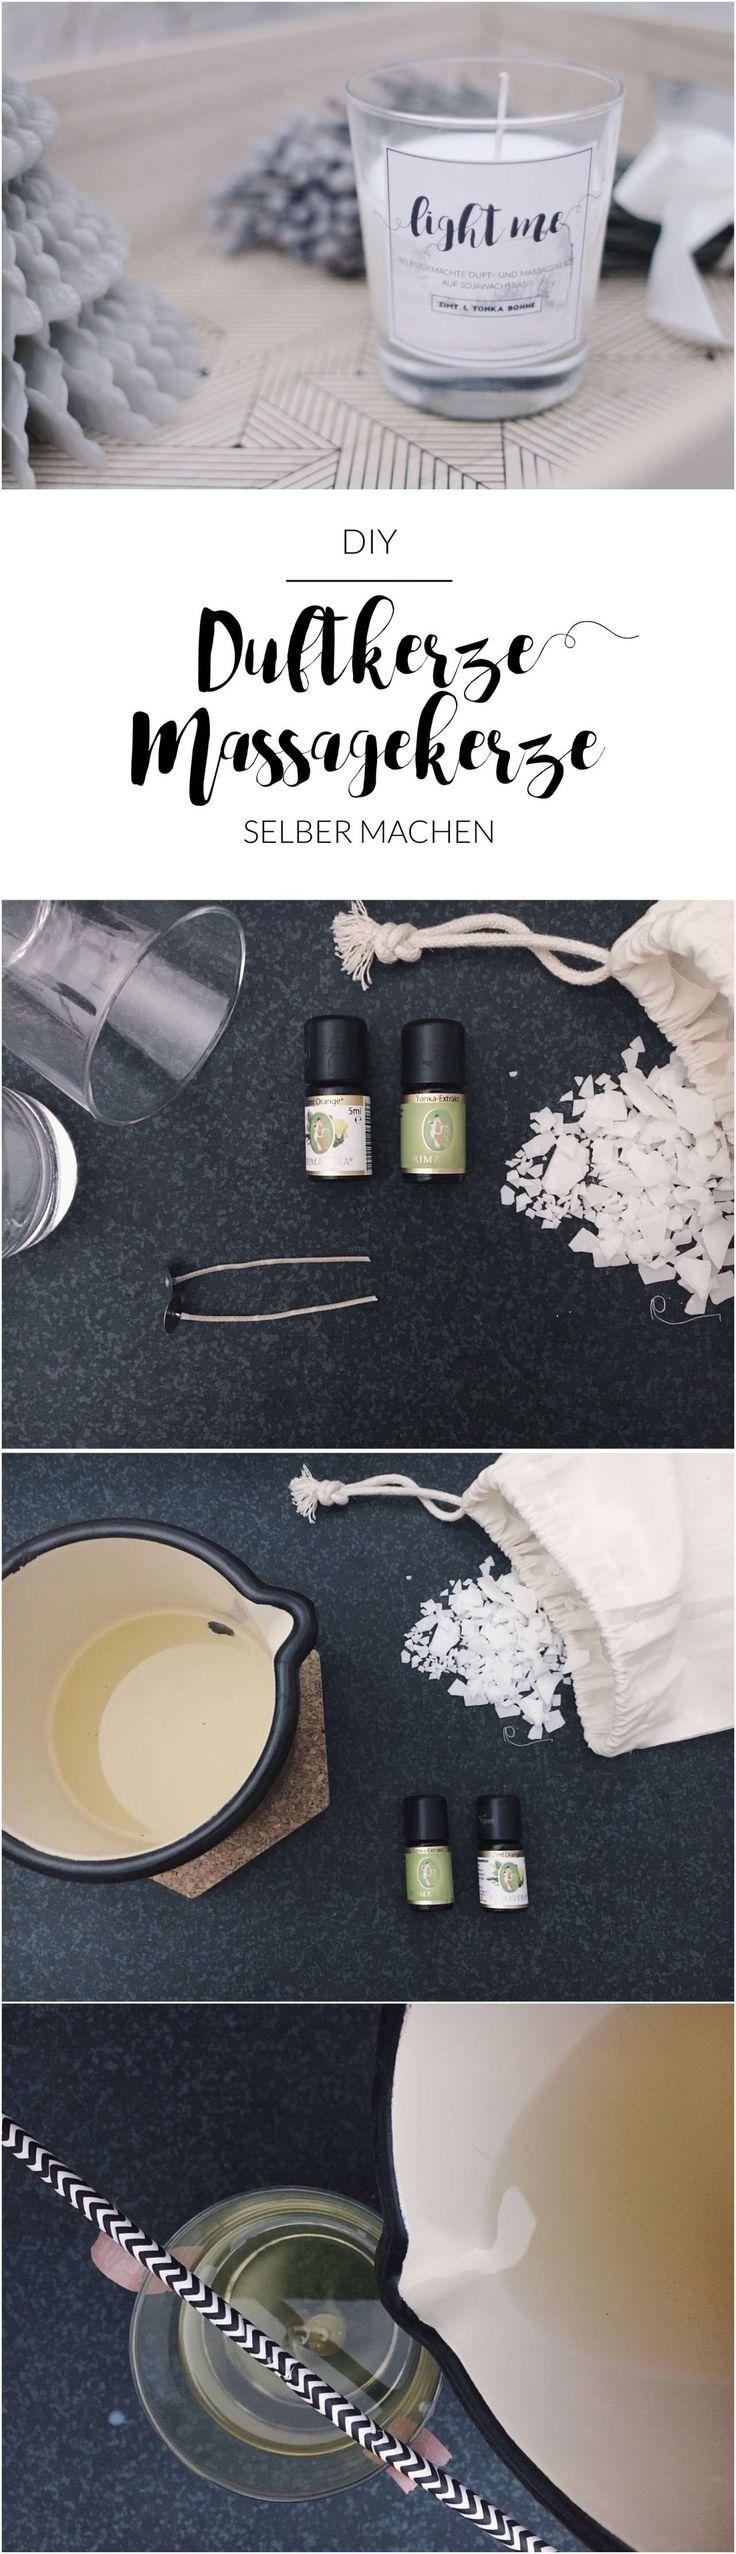 die besten 25 duftkerzen selber machen ideen auf pinterest duftkerzen diy kerzen selber. Black Bedroom Furniture Sets. Home Design Ideas